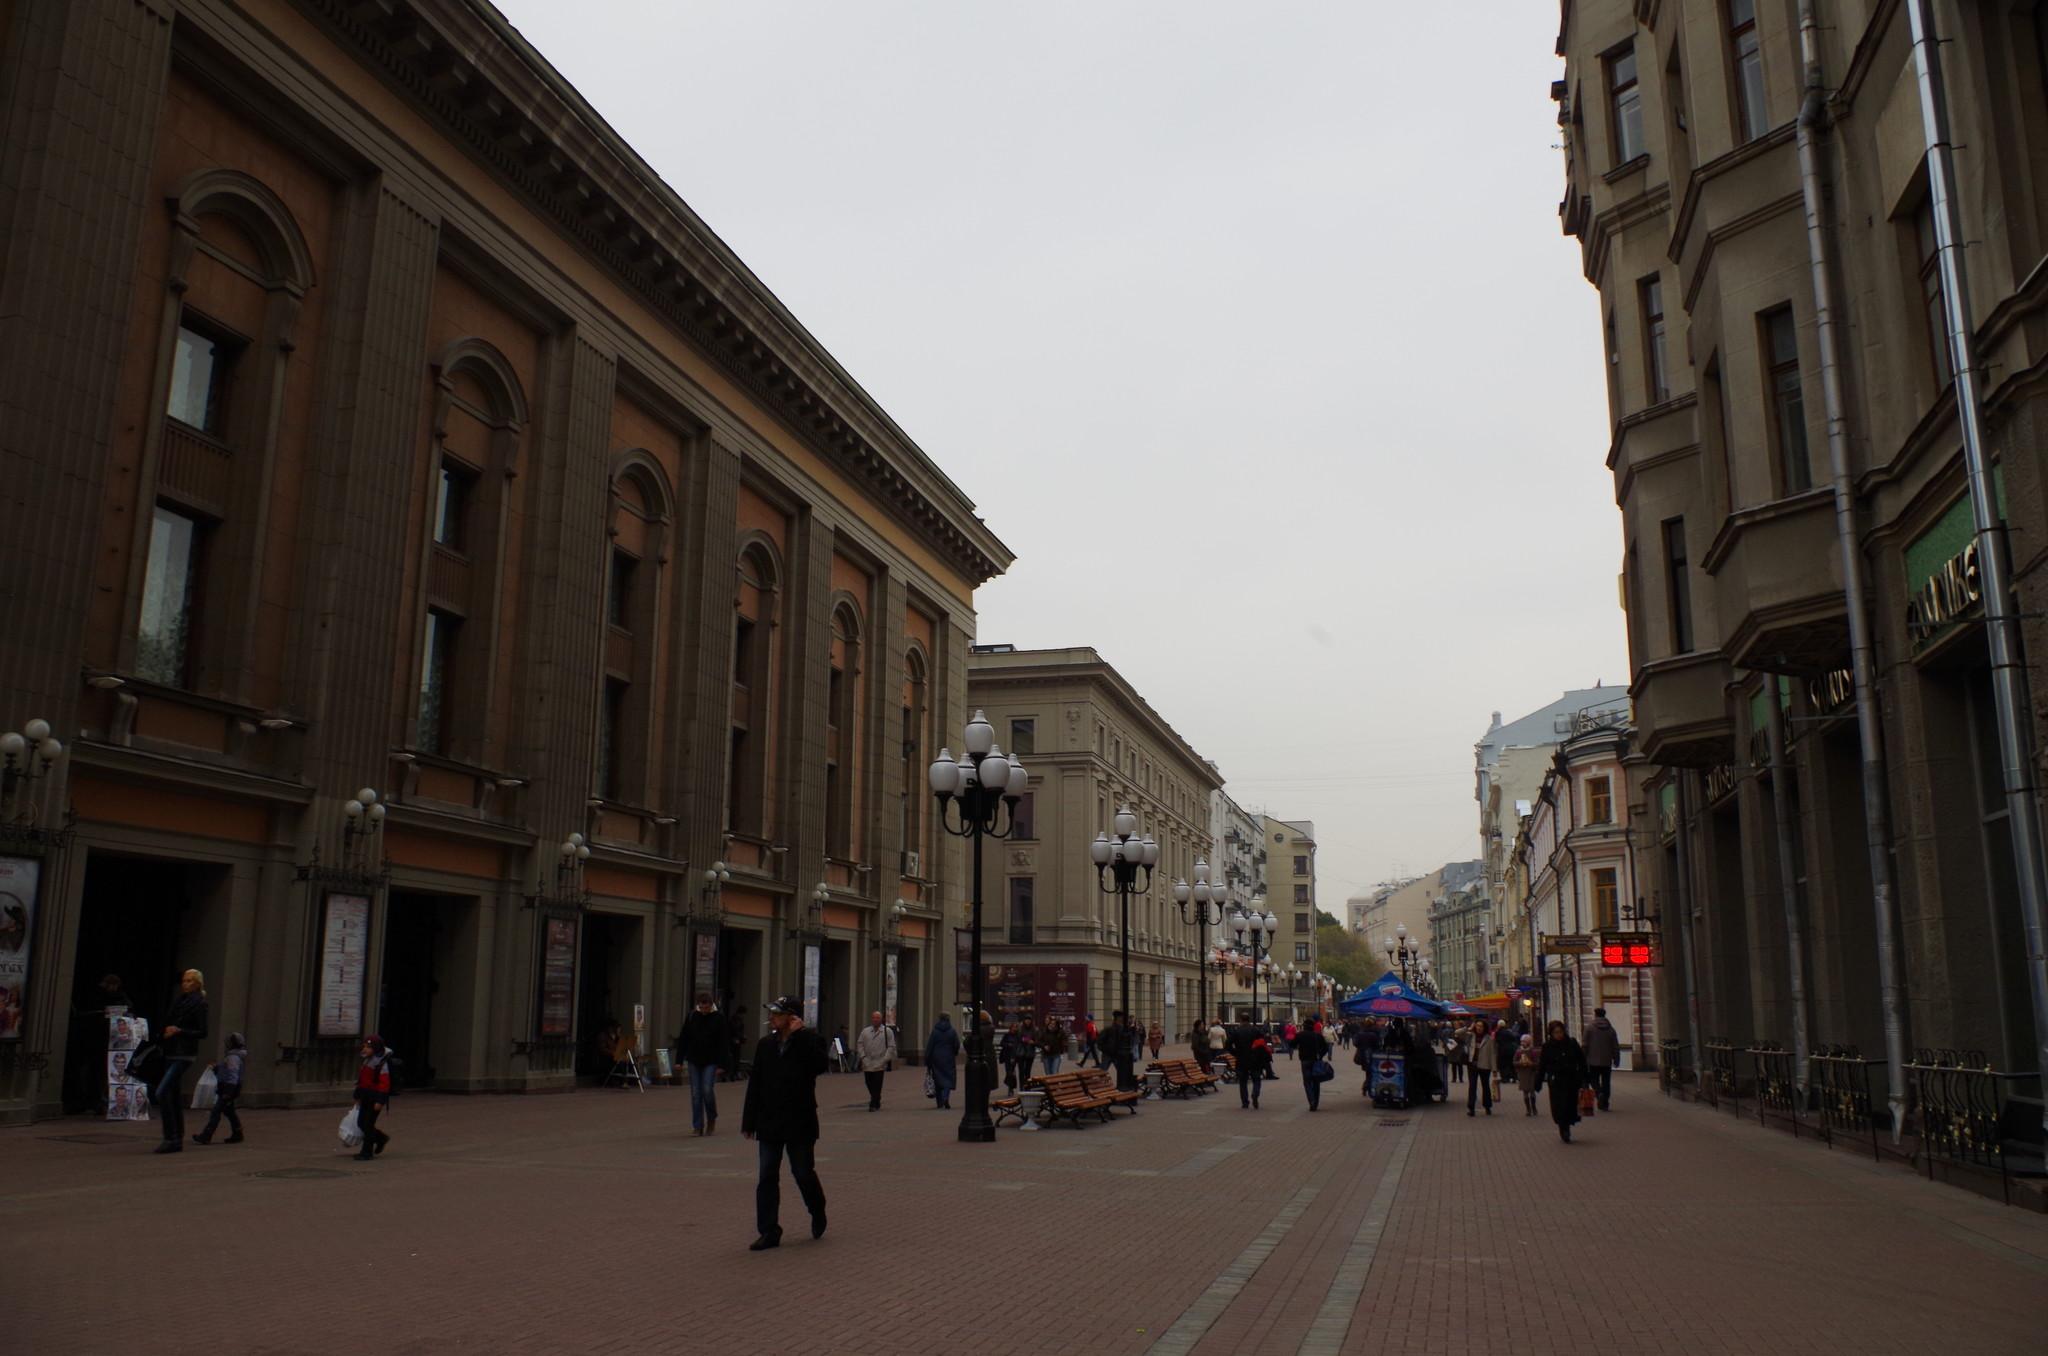 Государственный академический театр им. Е. Вахтангова (улица Арбат, дом 26)